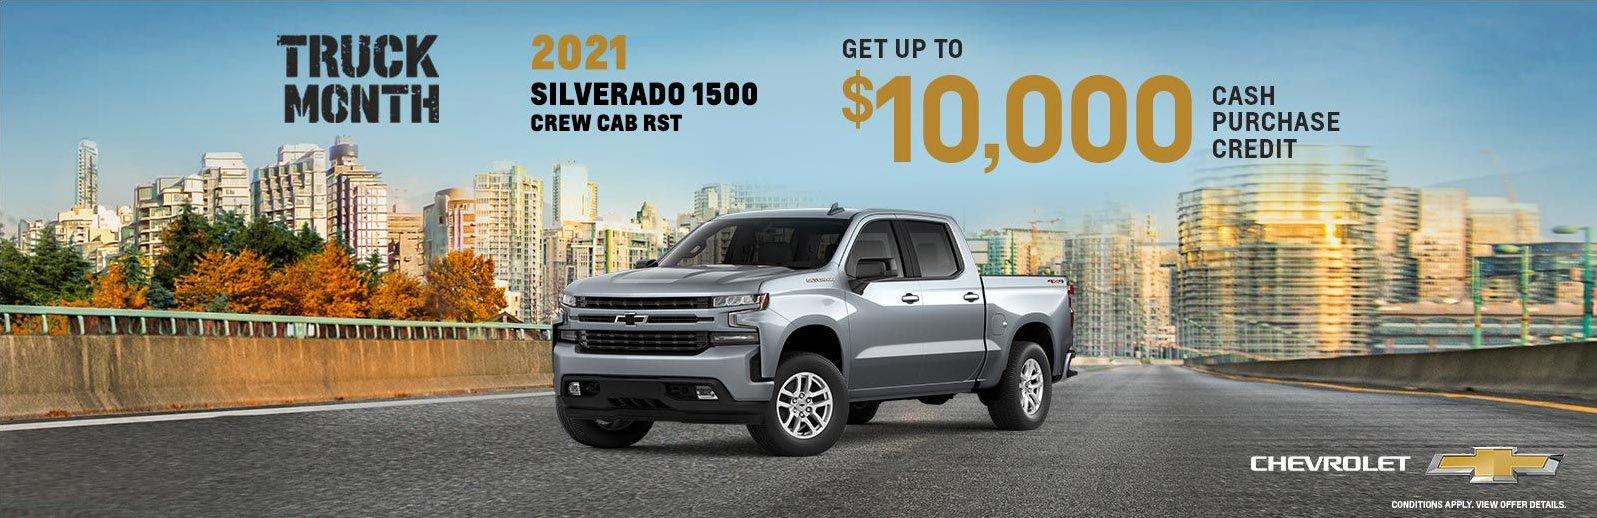 2021-chevrolet-silverado-1500-truck-carter-gm-burnaby-northshore-bc